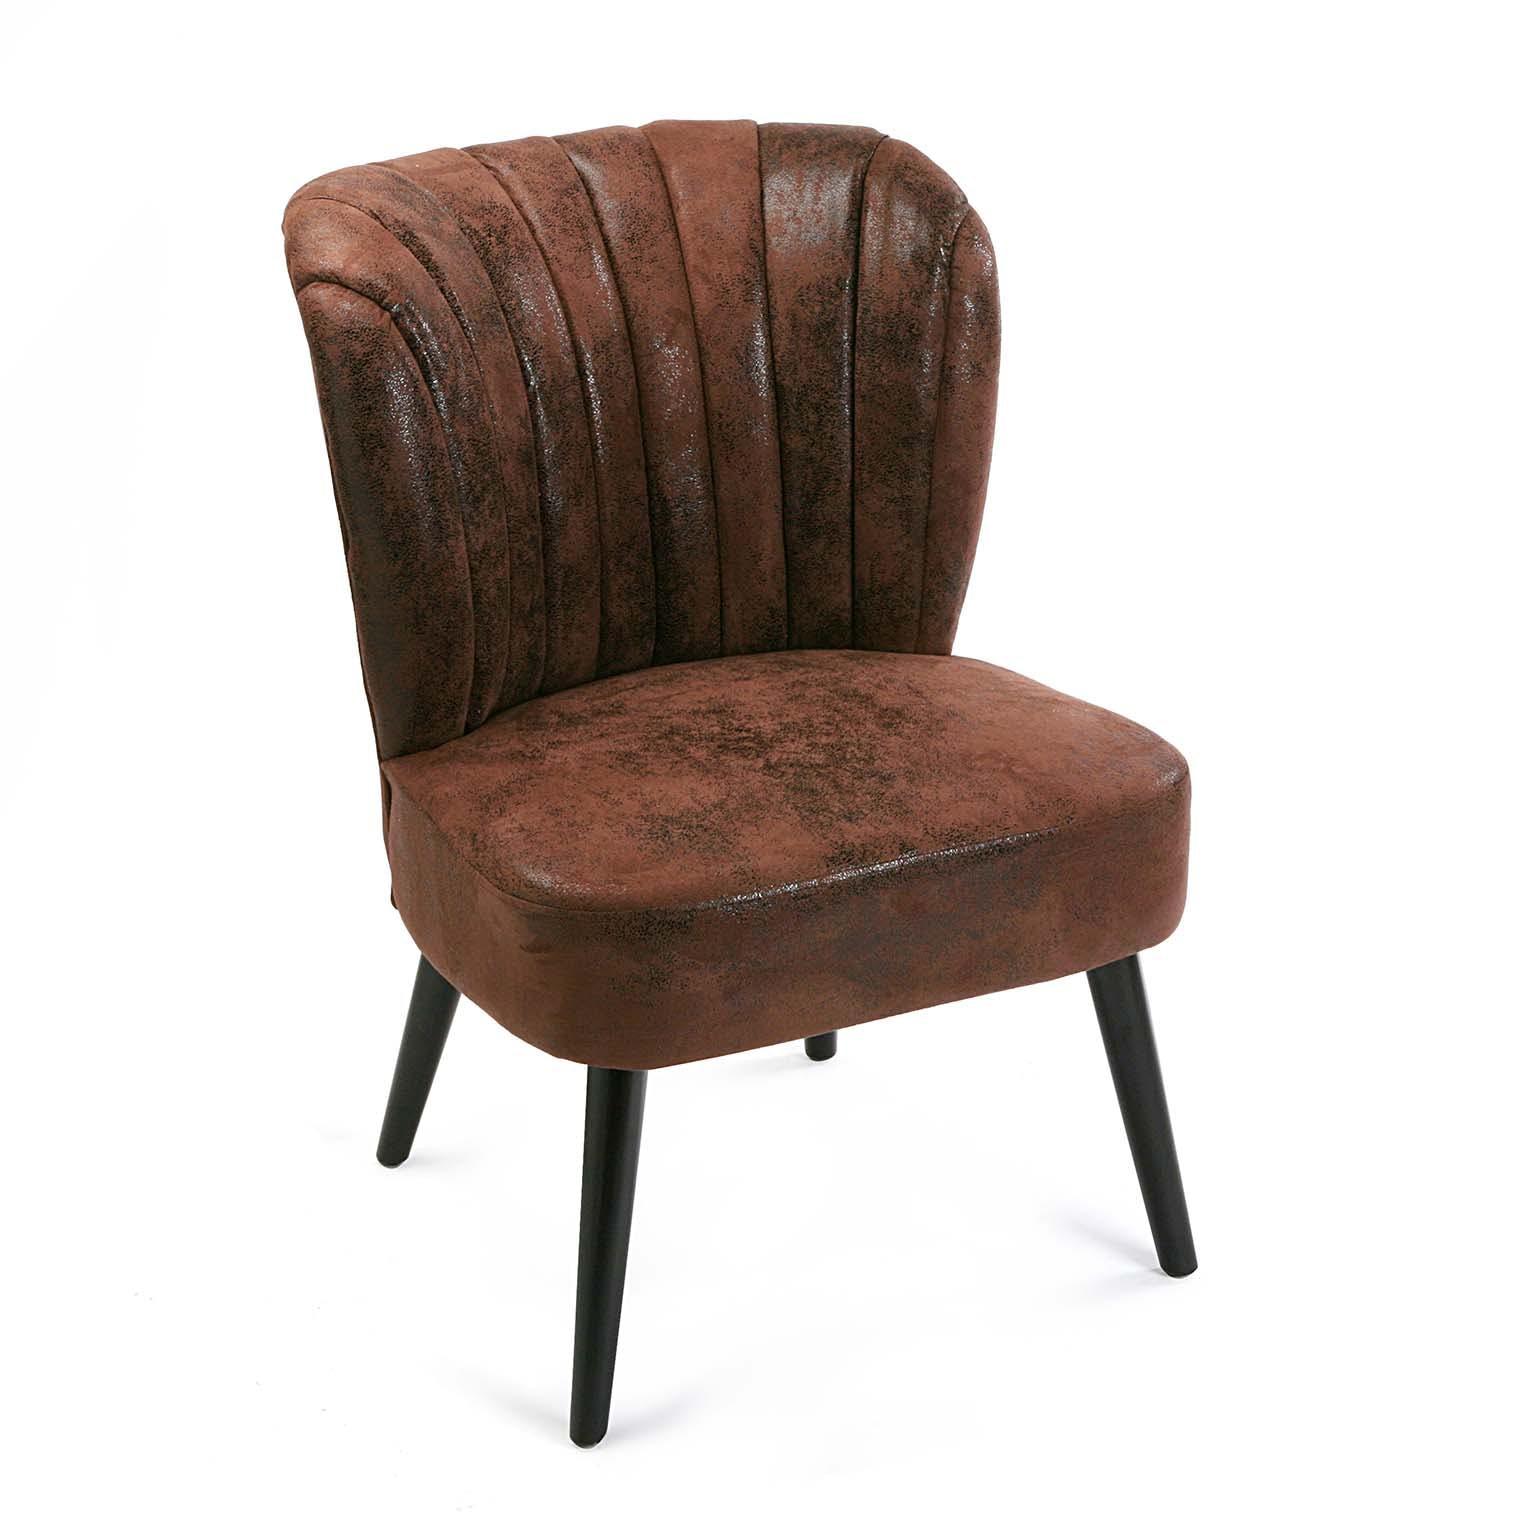 Fauteuil Cabriolet en tissu façon simili marron vieilli 60x65x84cm VANCOUVER